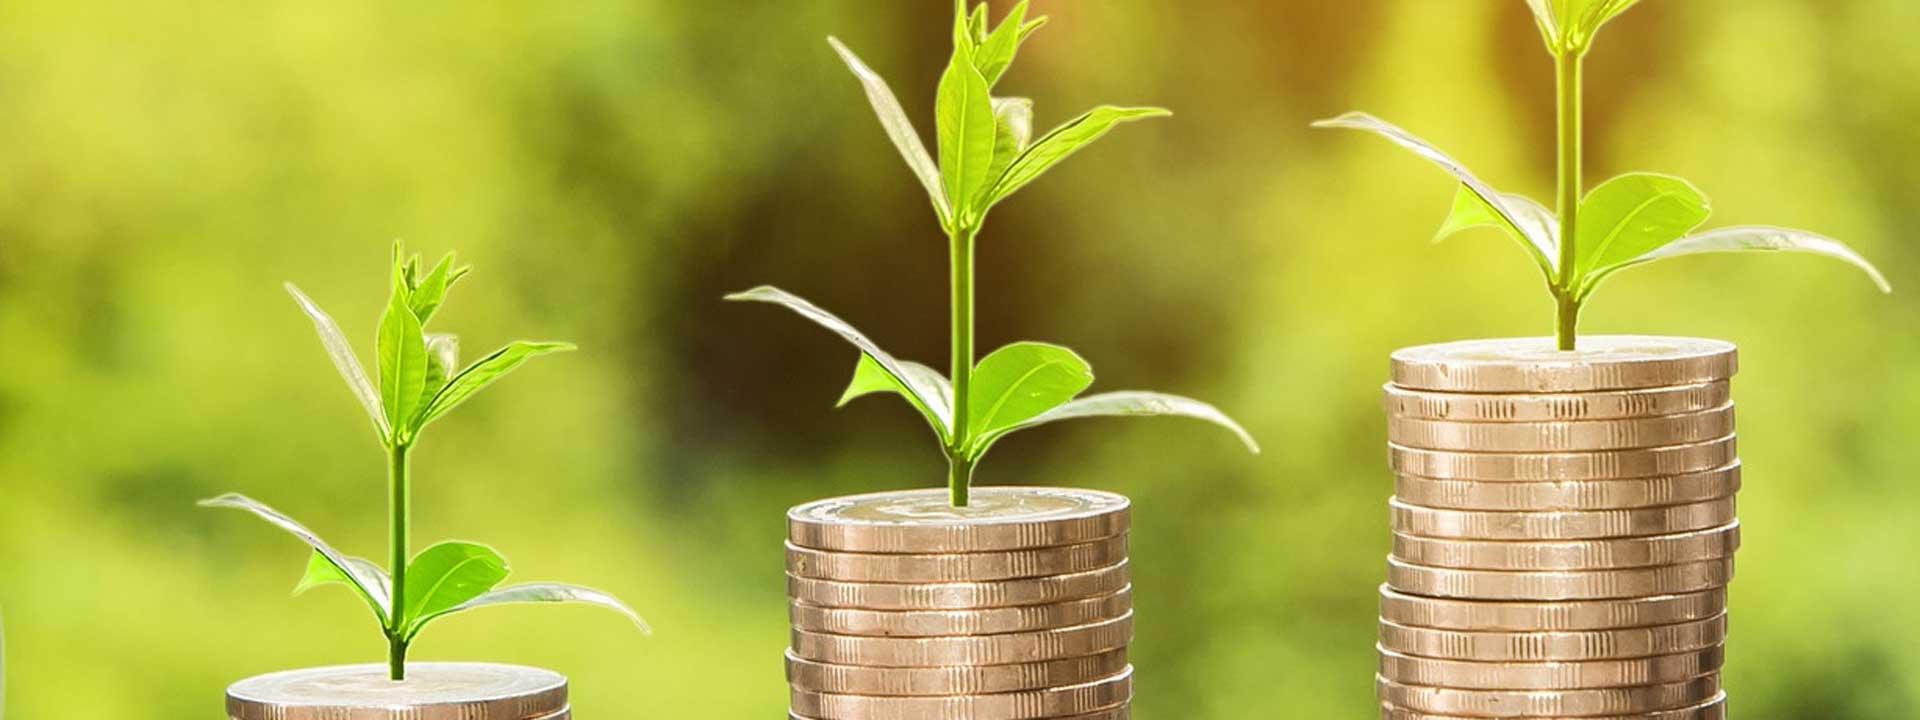 Finanzen und Verwaltung